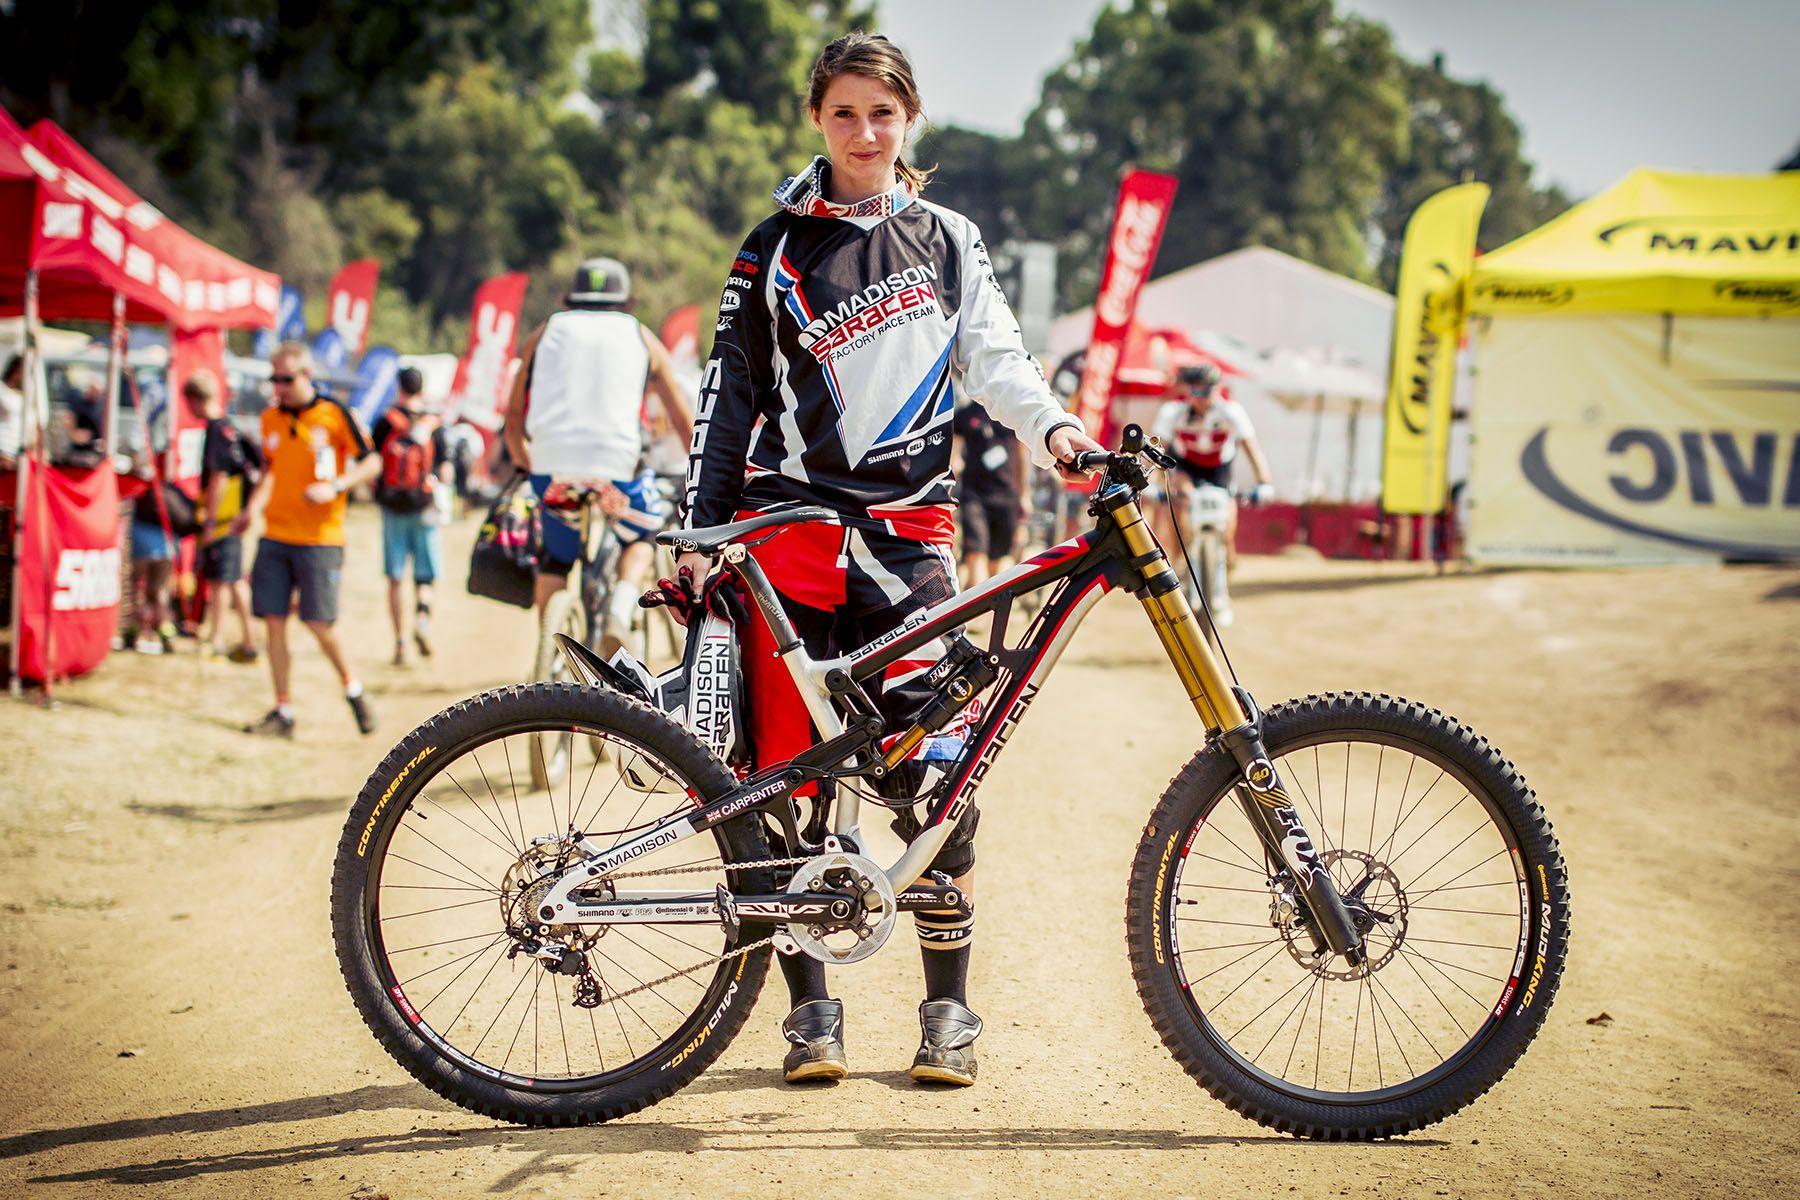 afef3554382 Manon Carpenter 002 Biker Chick, Cycling Bikes, Carpenter, Mountain Biking,  Bring It